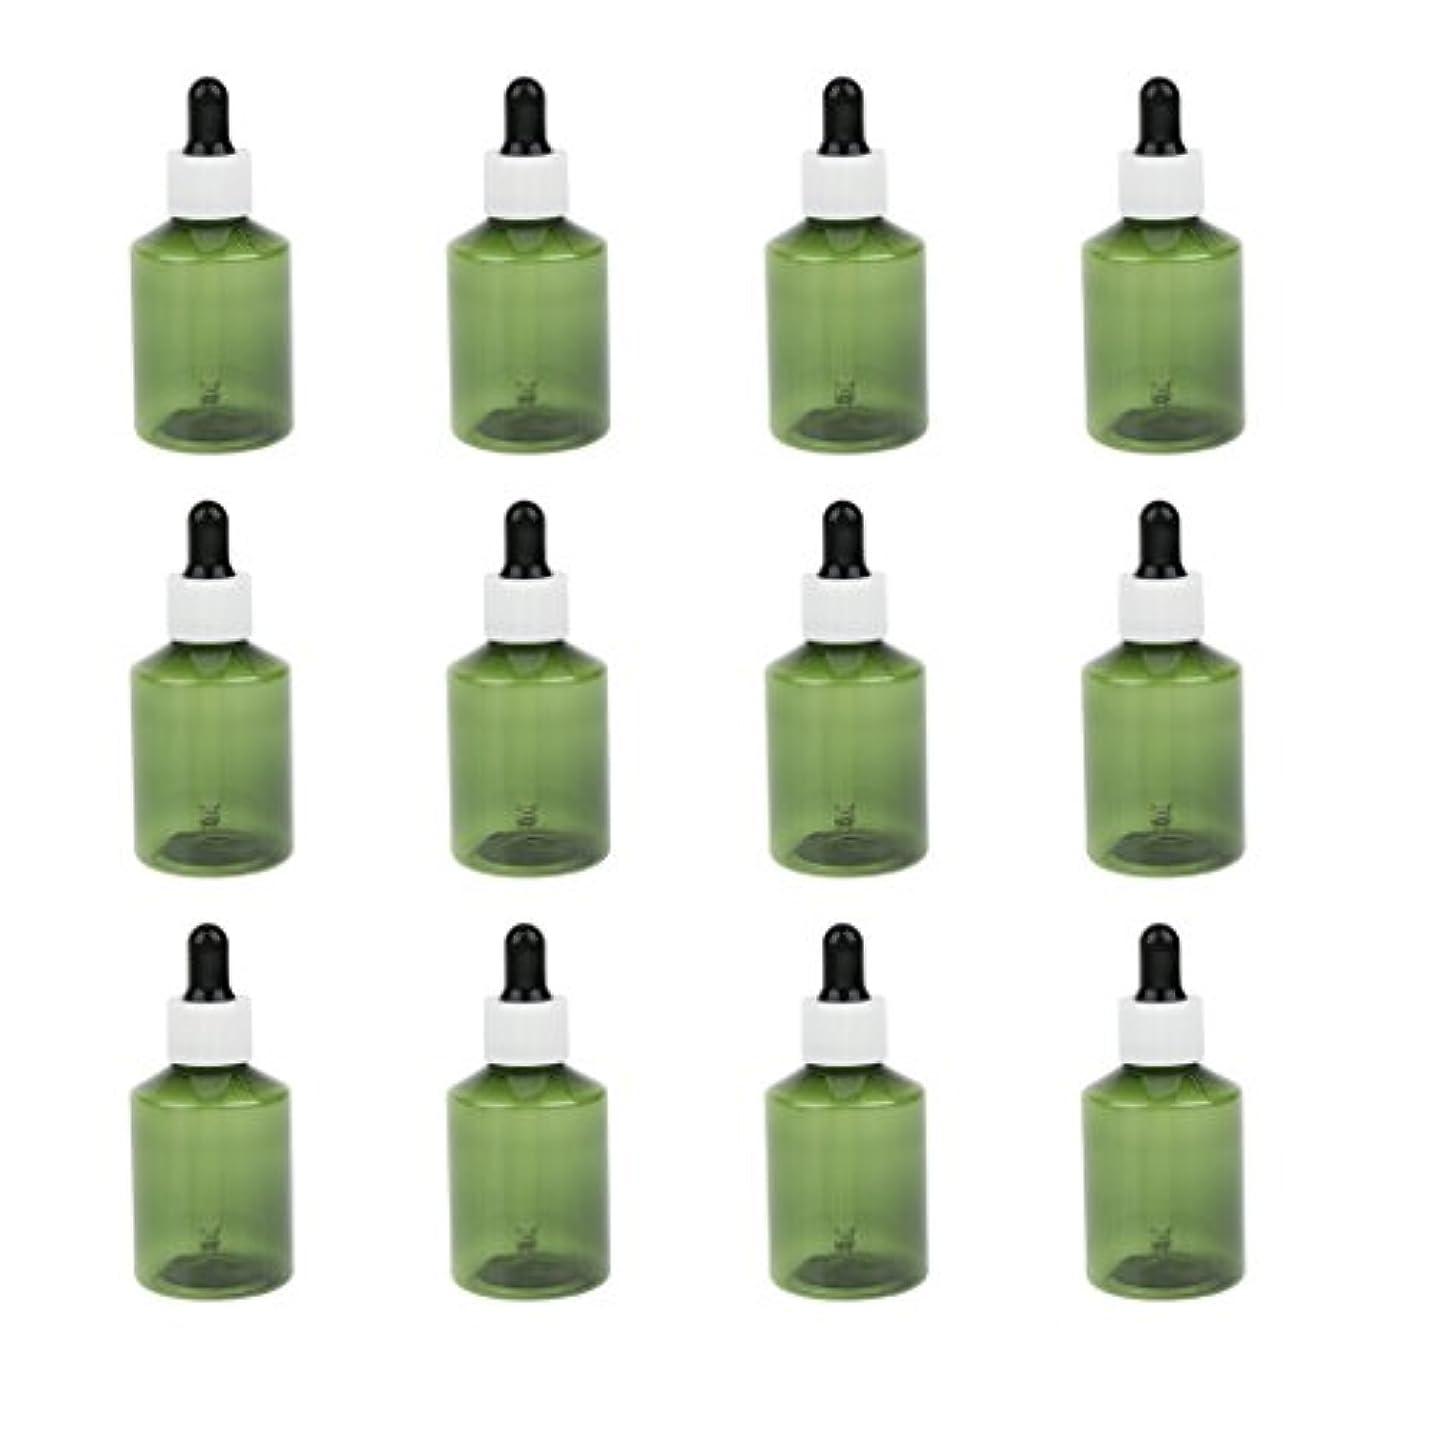 有力者暖かくものドロッパーボトル 詰め替え式 点滴びん 50ml エッセンシャルオイル 精油 6仕様選べ - ホワイトキャップブラックドロッパー